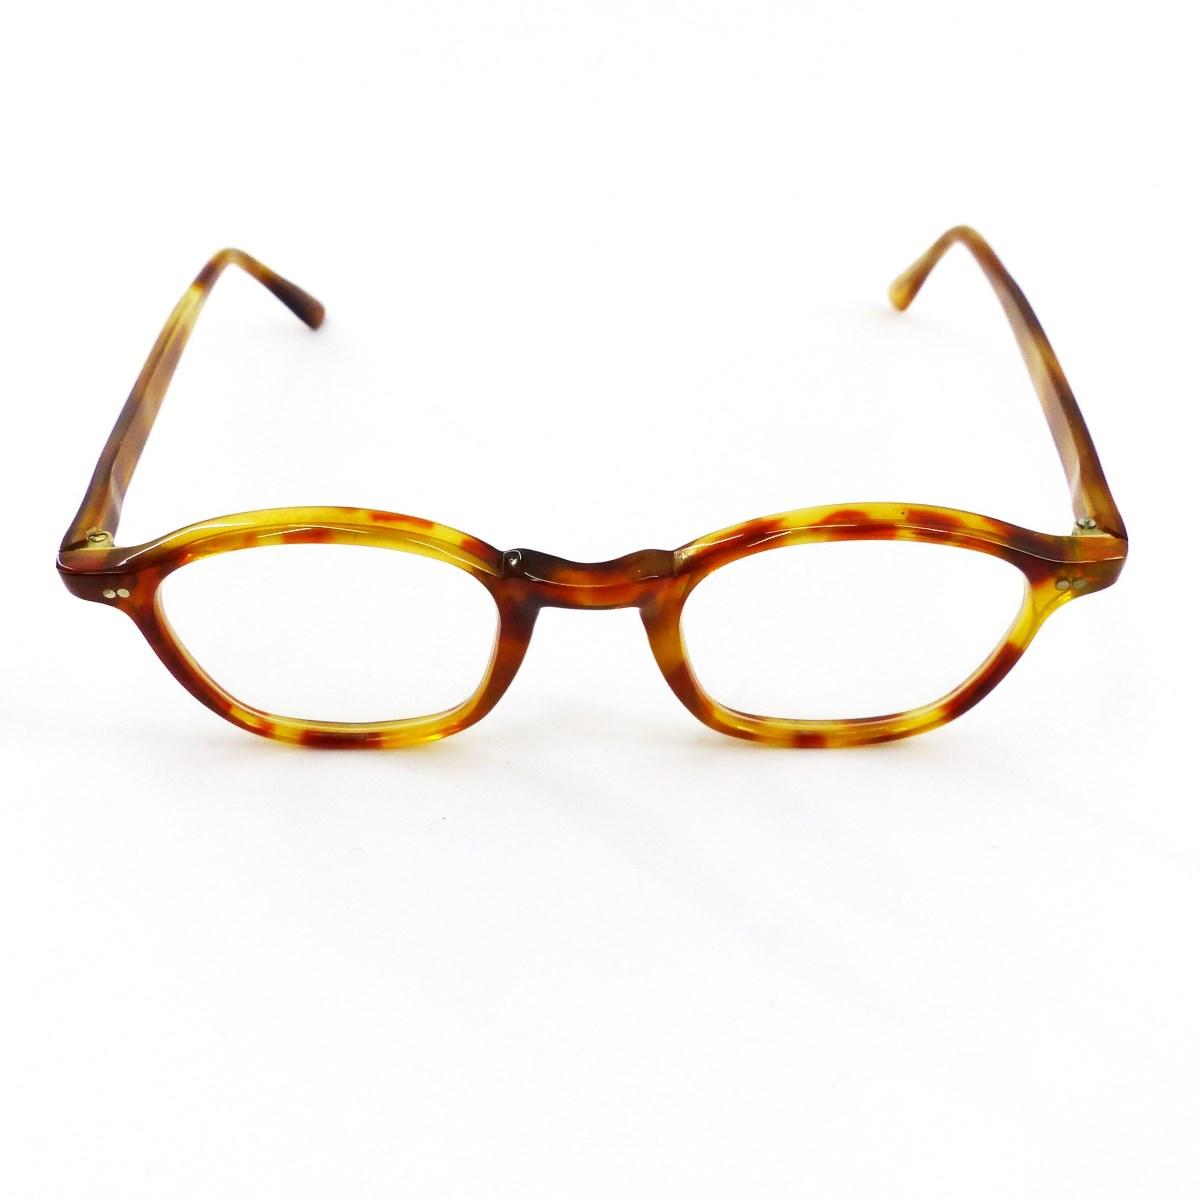 【中古】Lesca LunetierVintage Collection 眼鏡 ブラウン